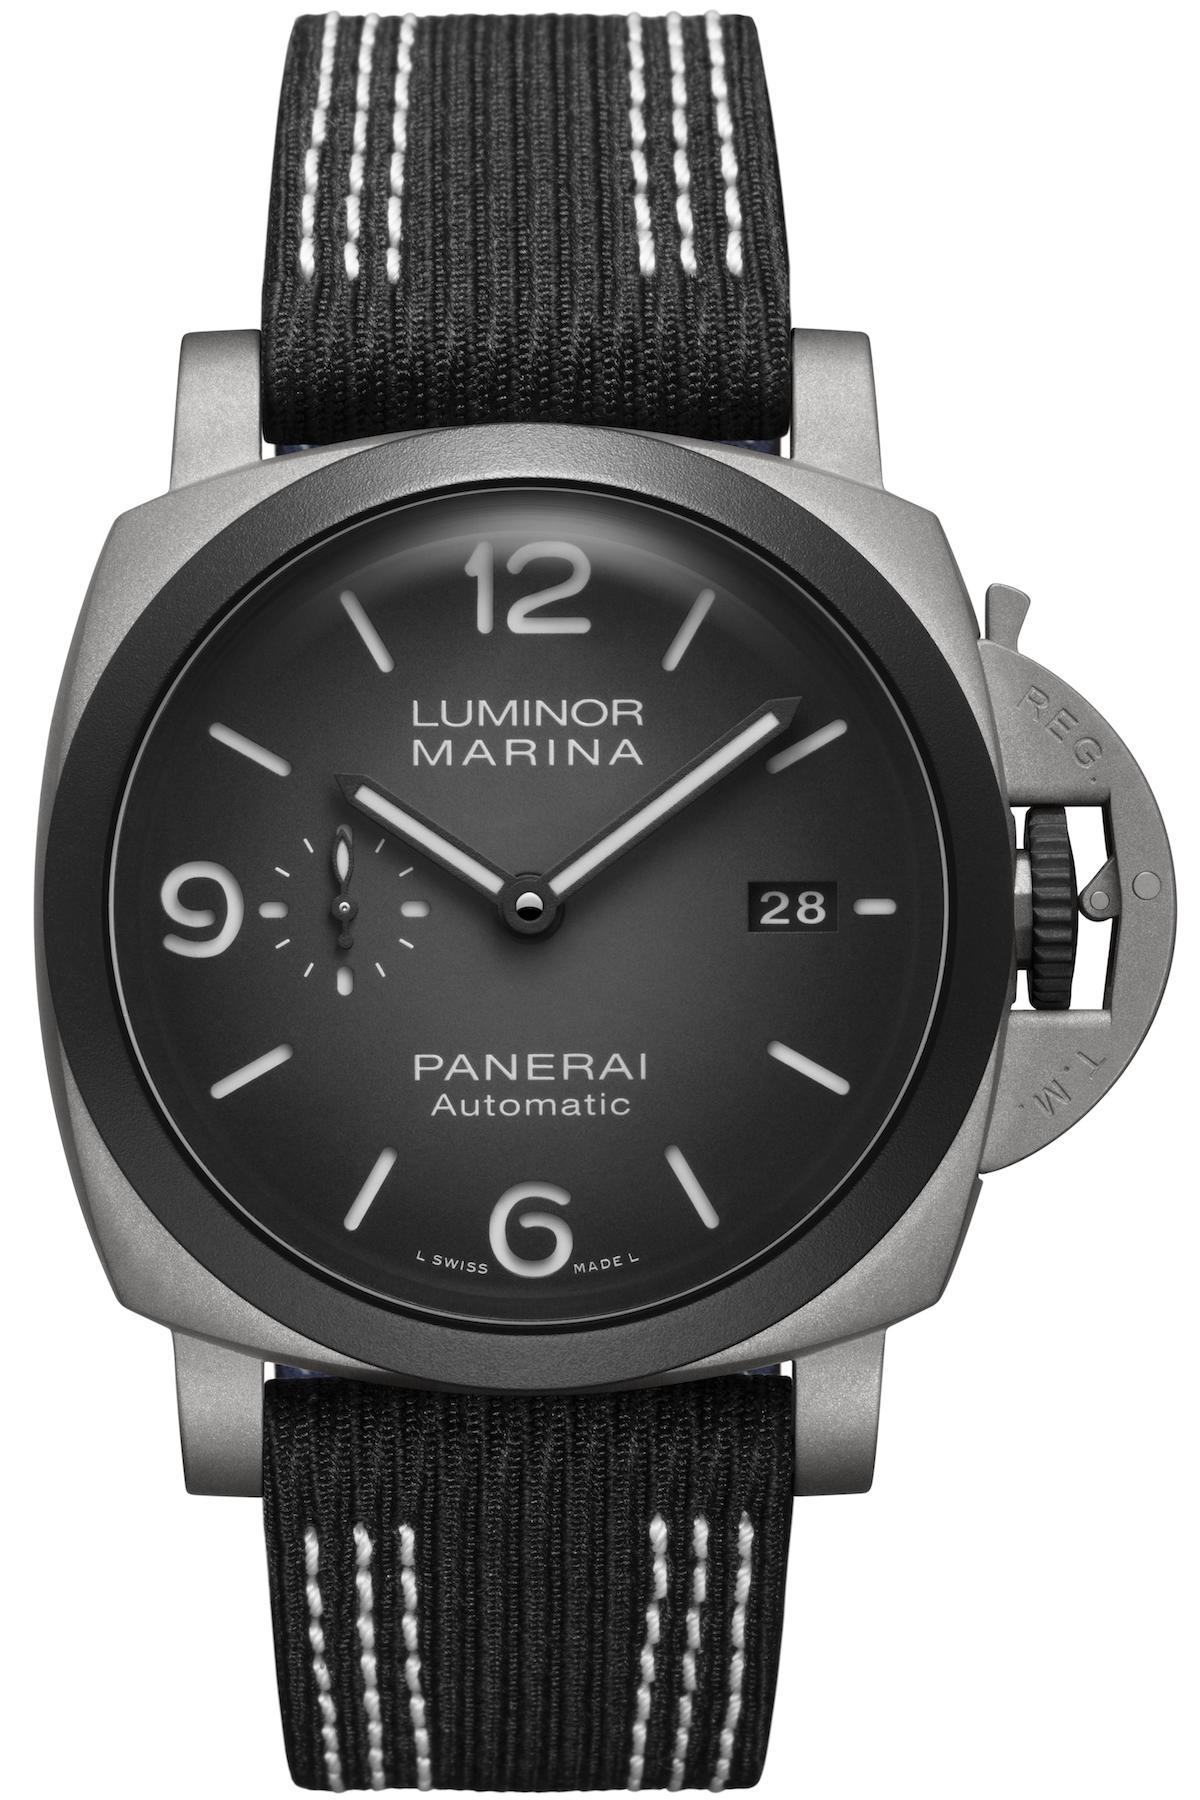 Panerai Luminor Marina Guillaume Nery Watch